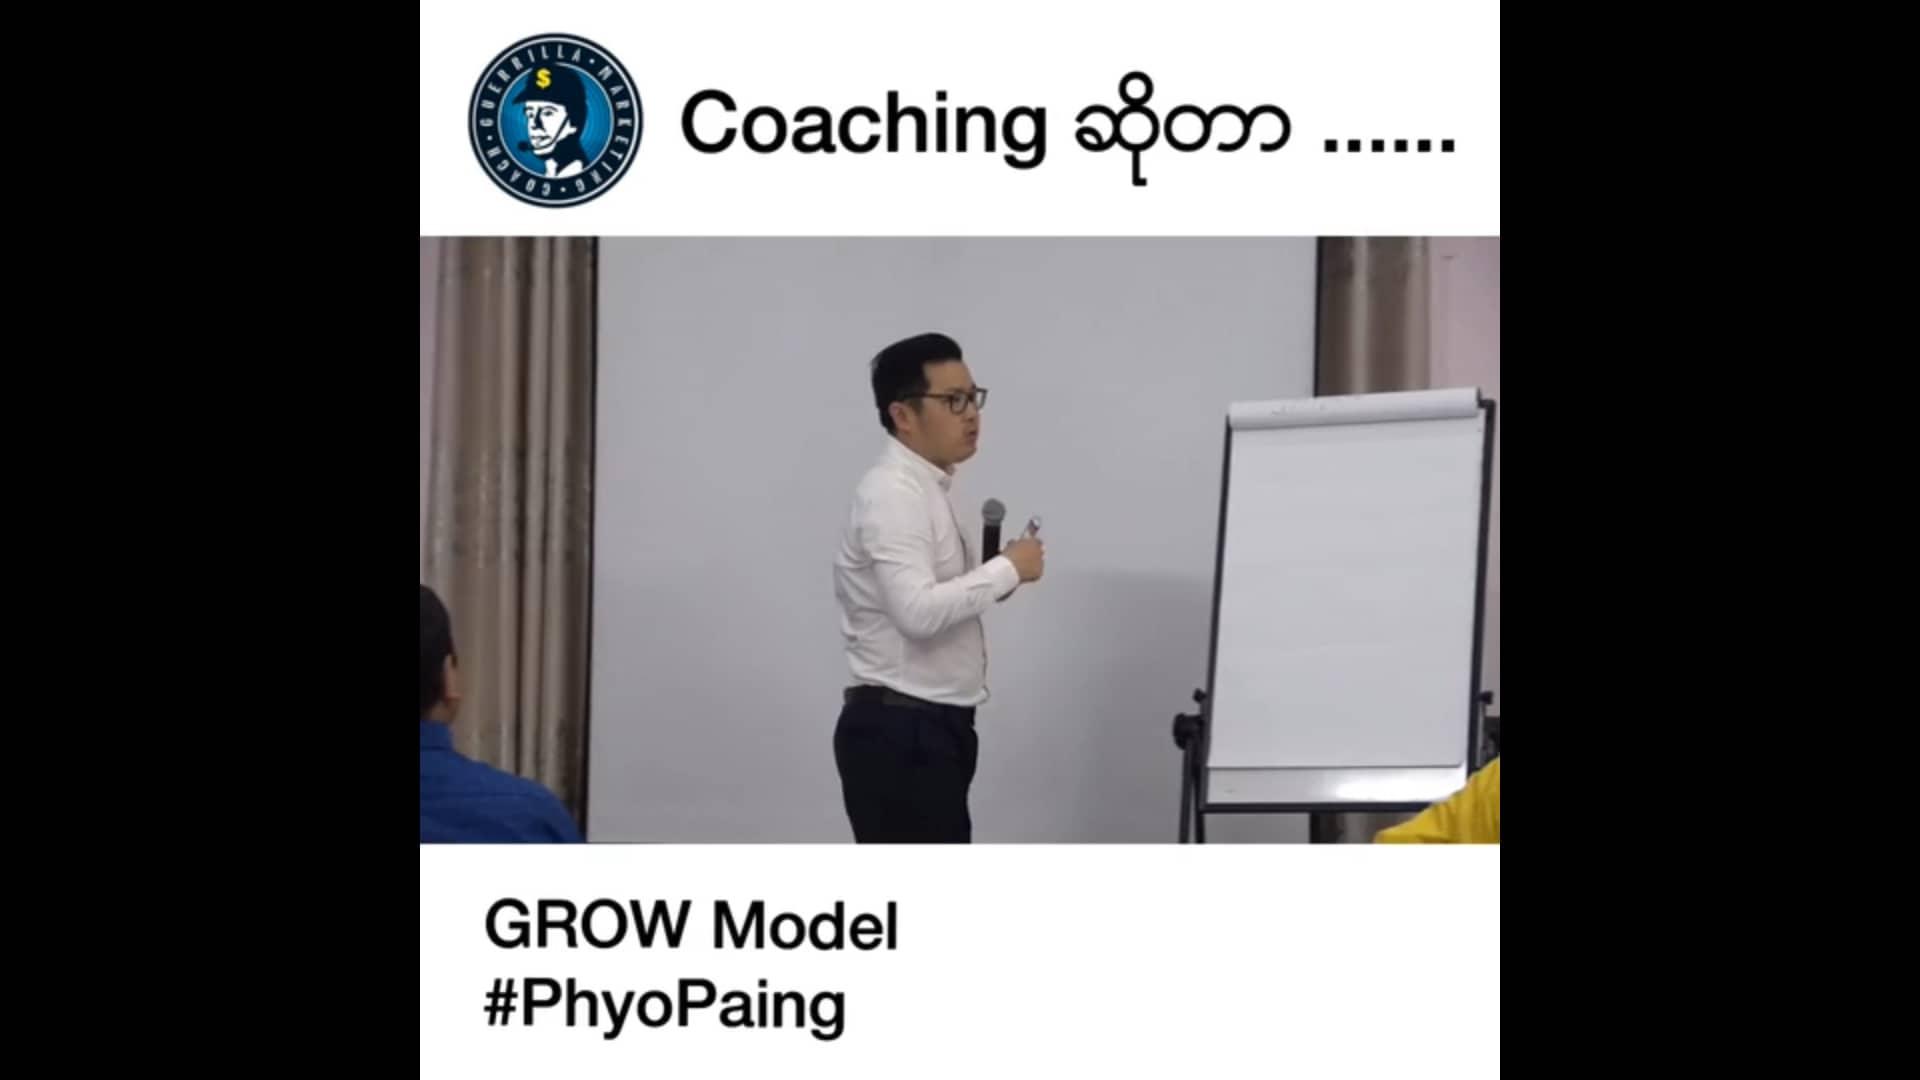 10. Coaching